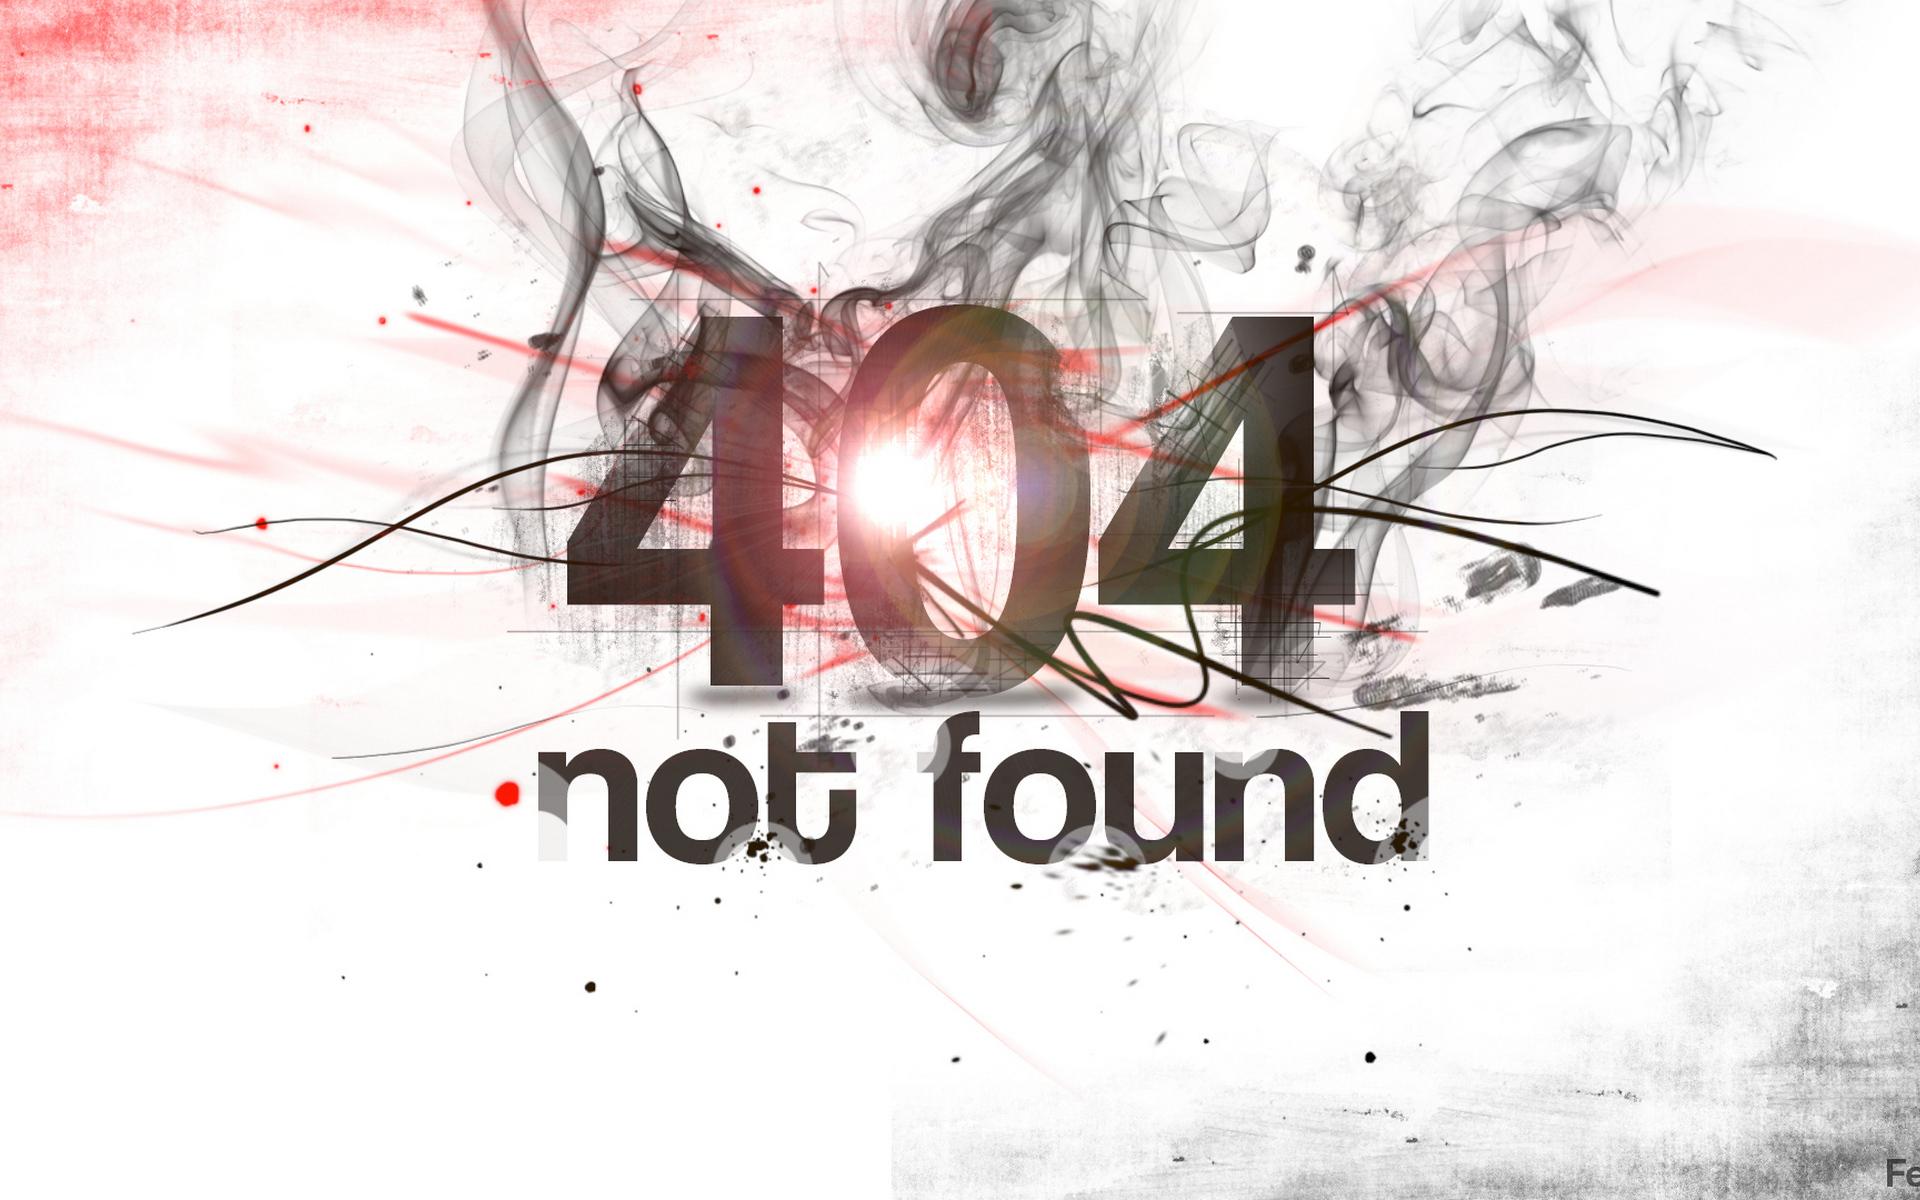 обои 404 not found, страница не найдена, красочная страница, слить картинки фото